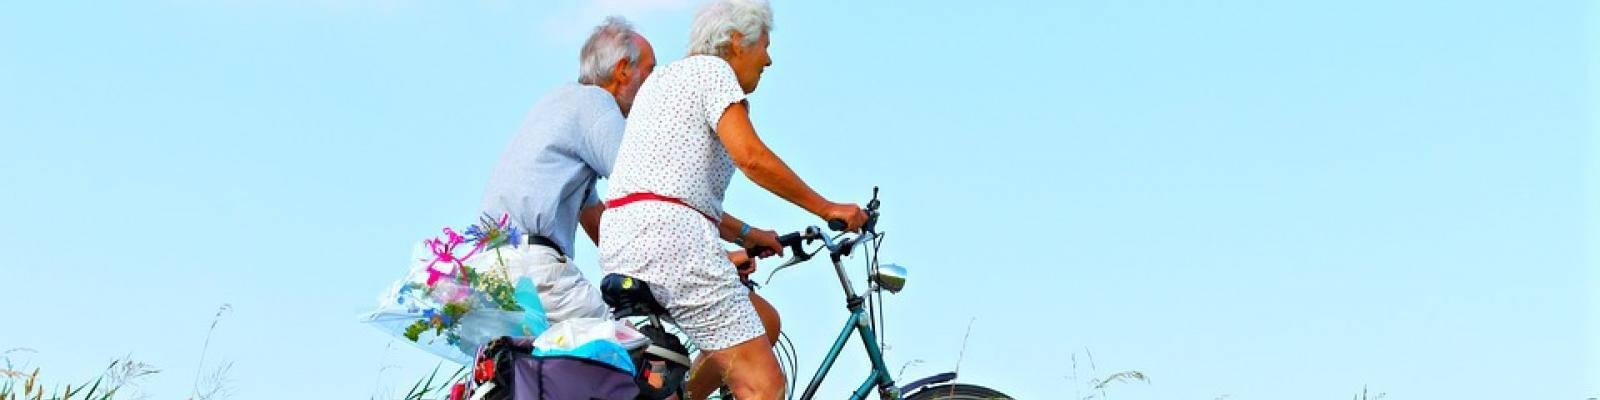 Fietsende gepensioneerden lente